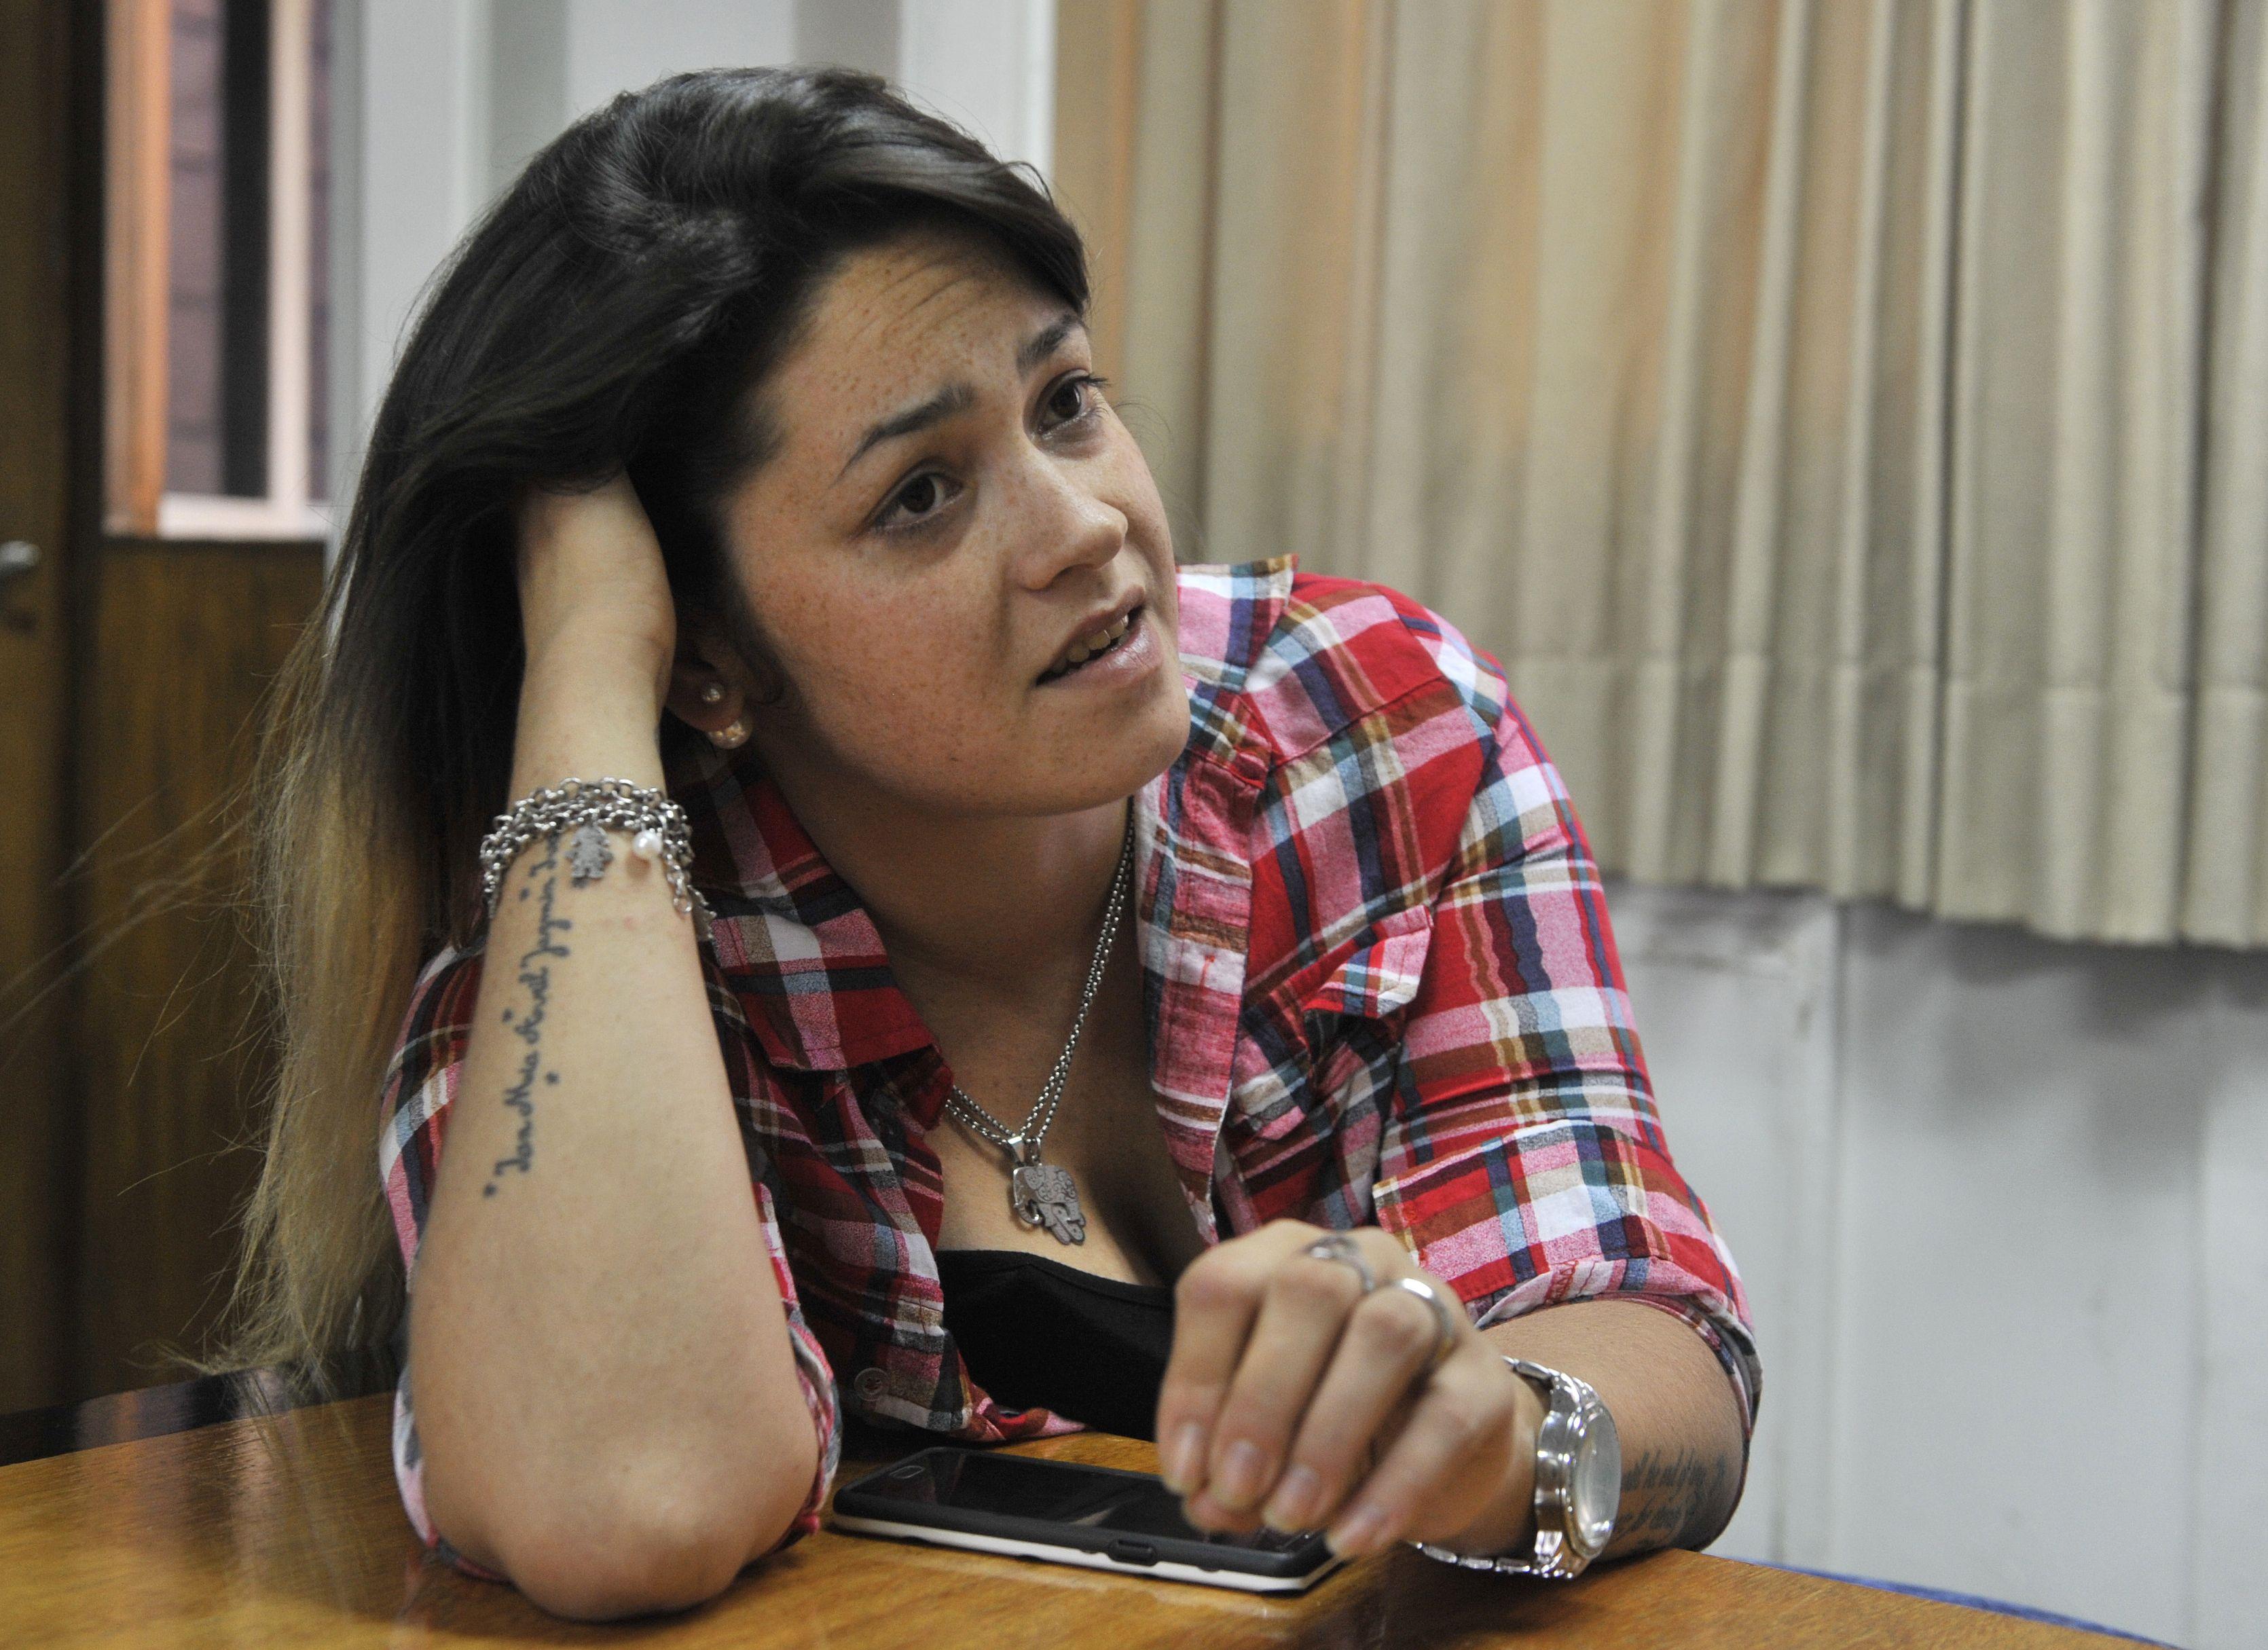 Leila Rodríguez tiene tatuados los nombres de sus hijos en el brazo con el que enumera las respuestas que busca. (Virginia Benedetto / La Capital)